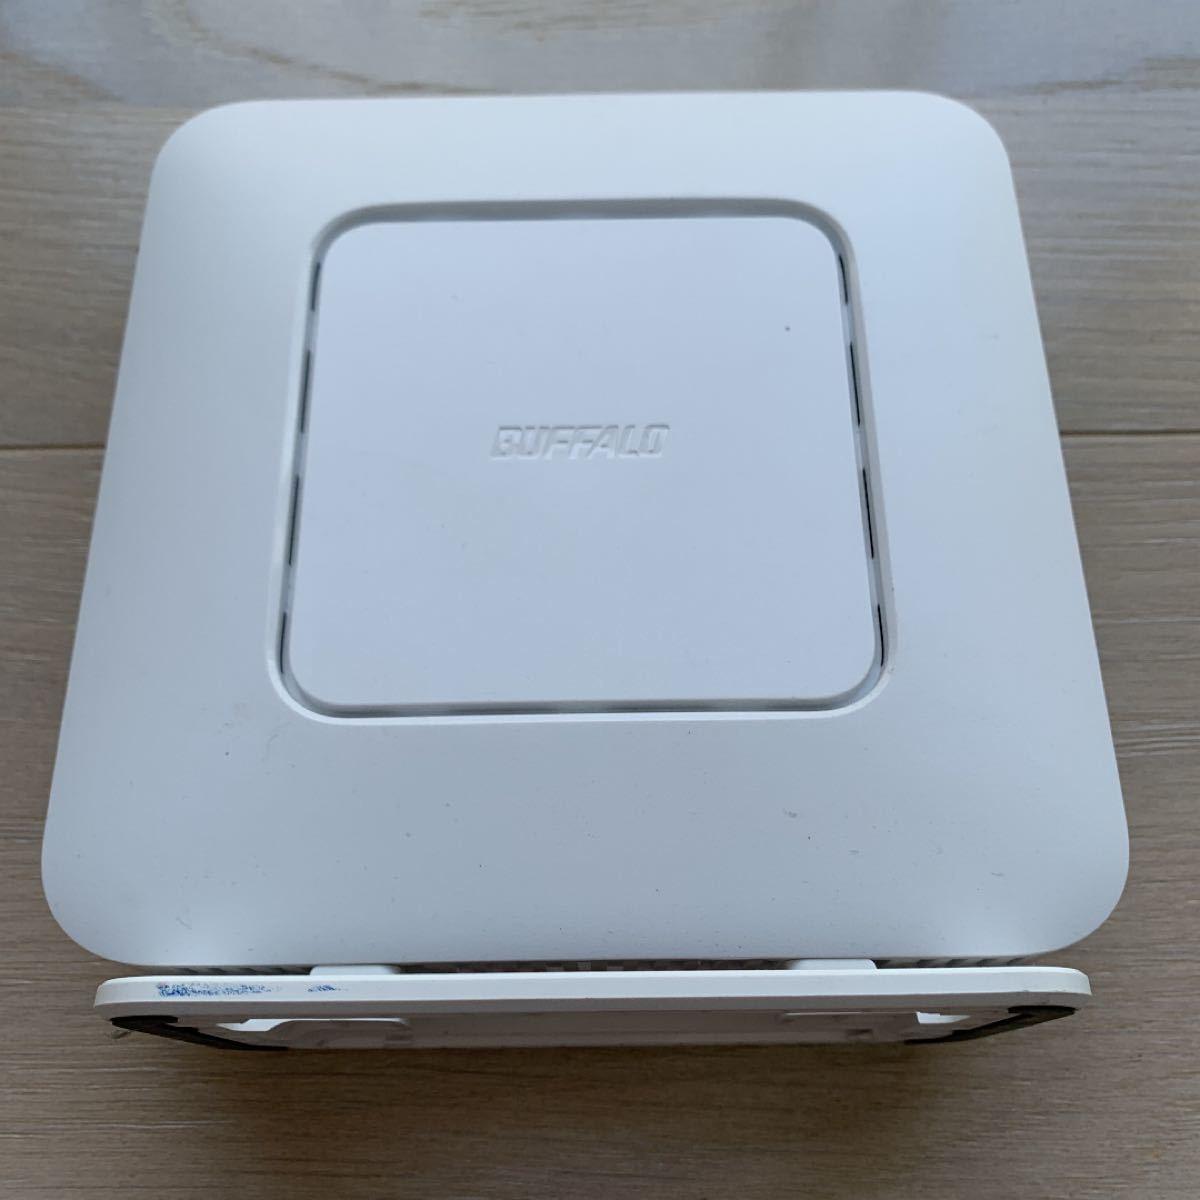 バッファロー無線LAN BUFFALO WSR-1166DHP3-WH ホワイト